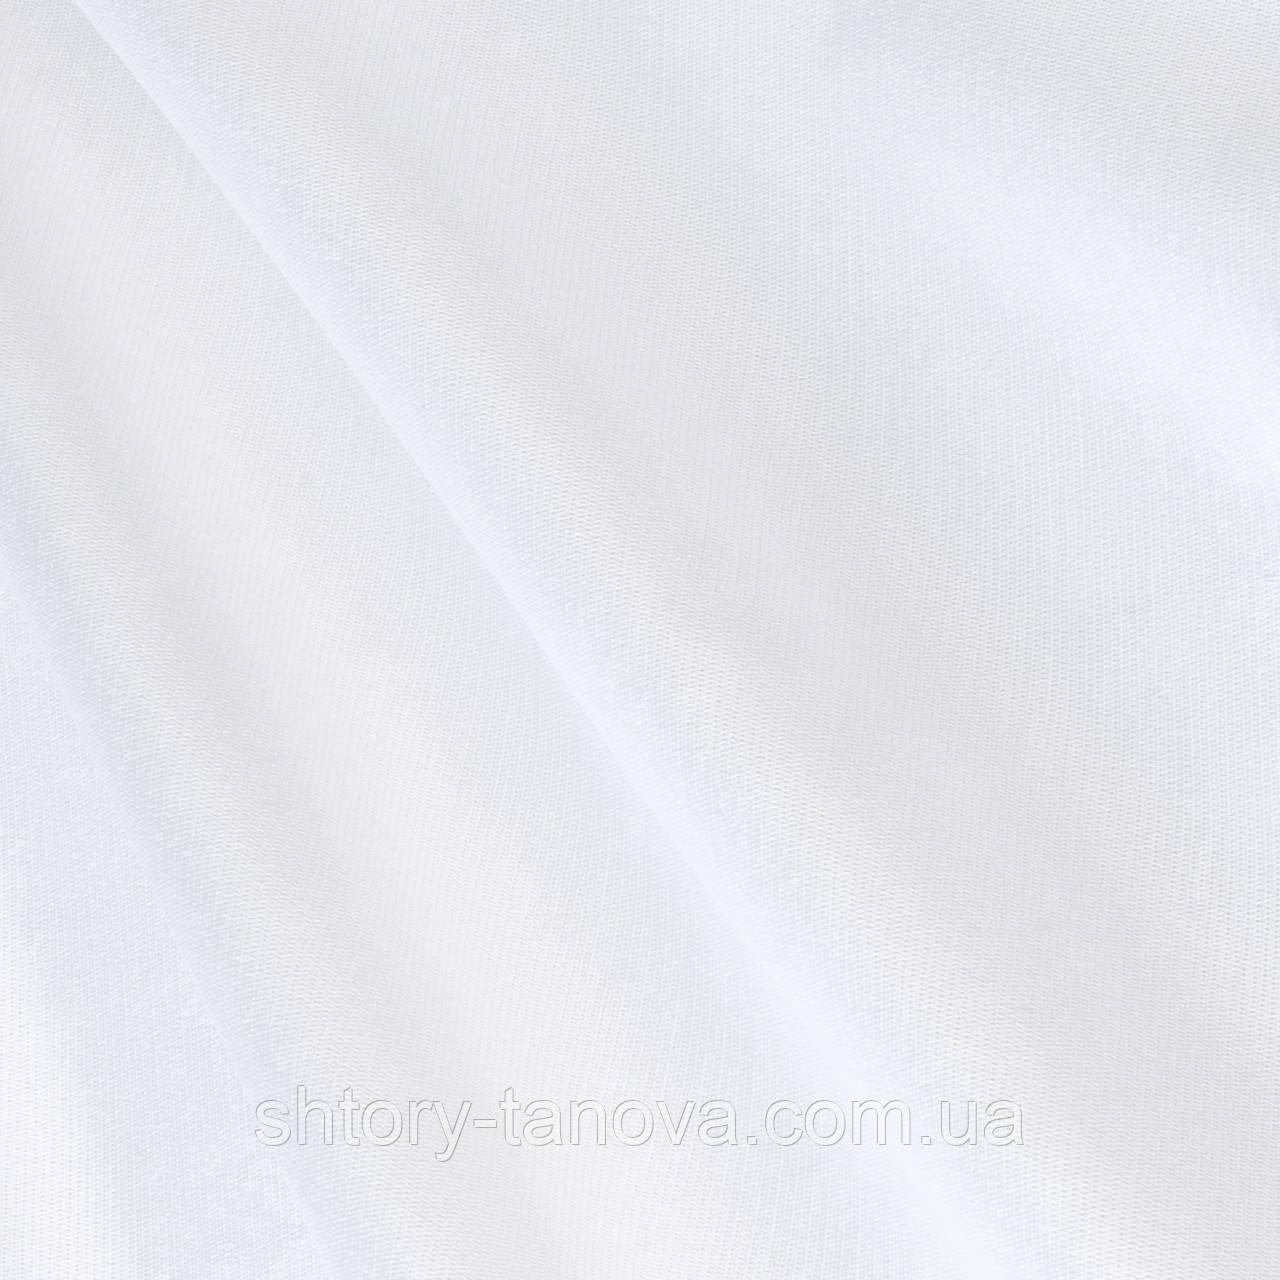 Однотонная скатертная ткань гладкая белого цвета для ресторана